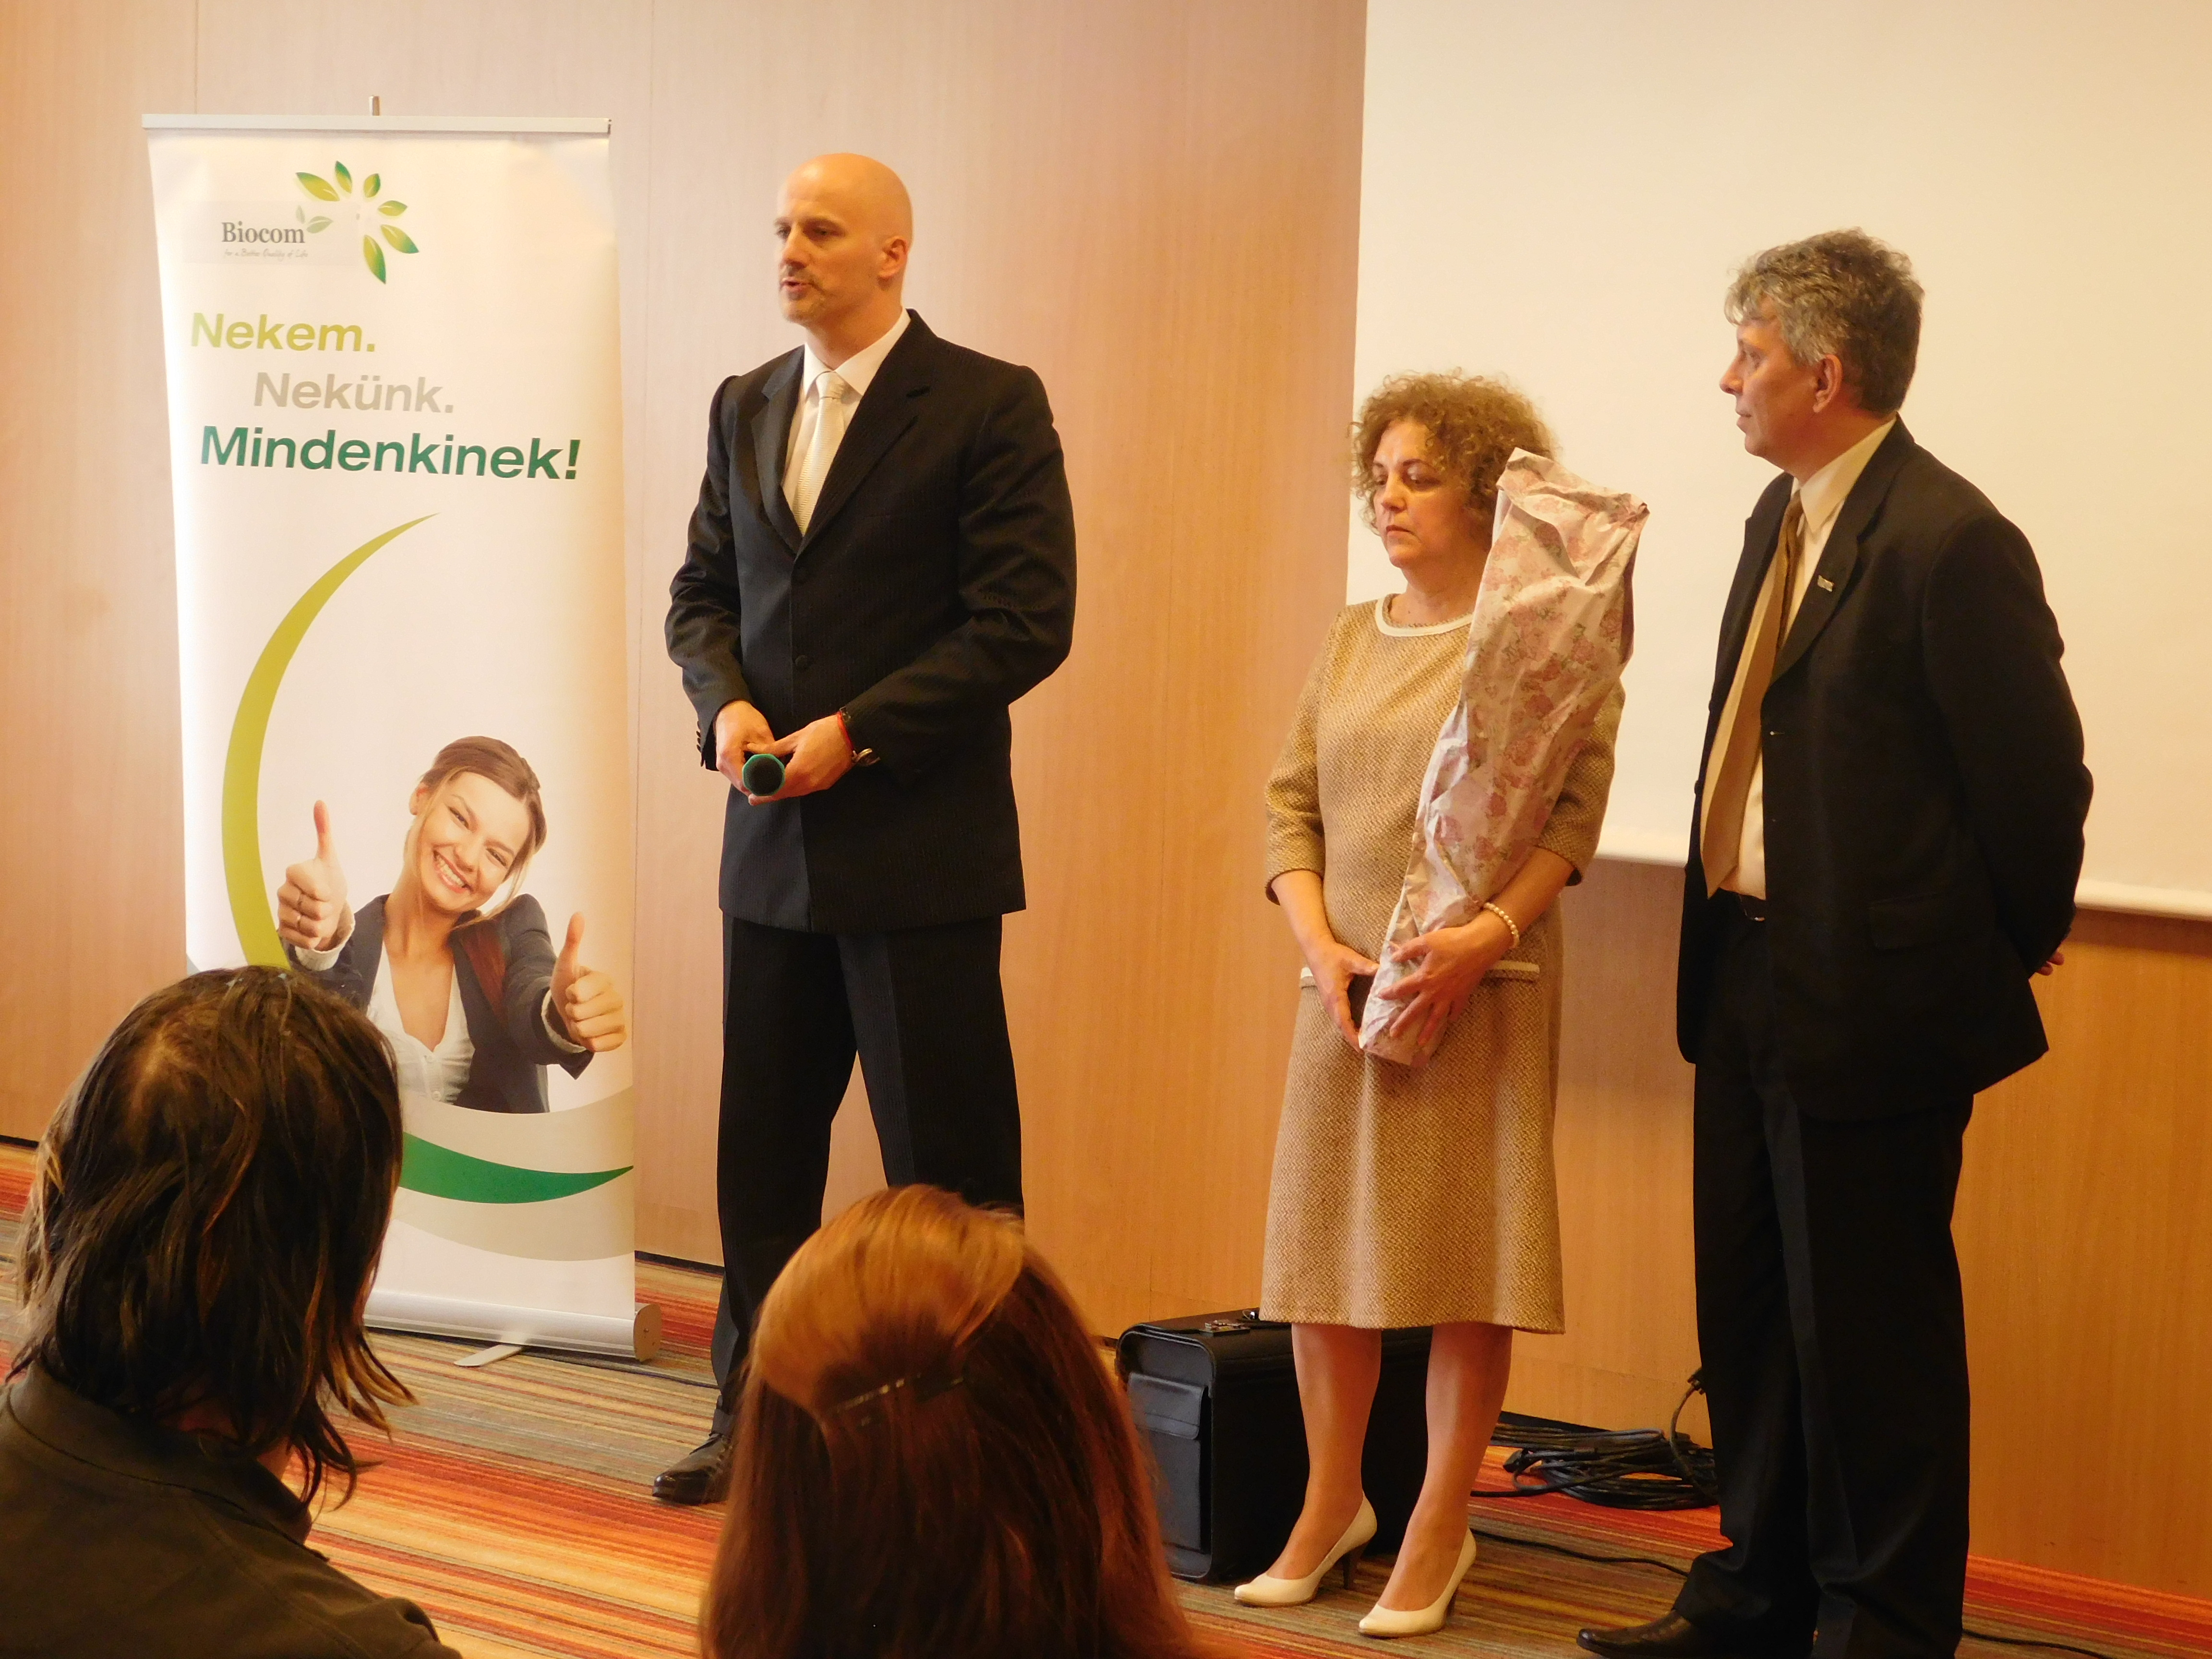 Kurucz Laura új HV szponzorával Harmat Csabával (jobbra) és felsőbb vezetőjével, Dankó Jánossal